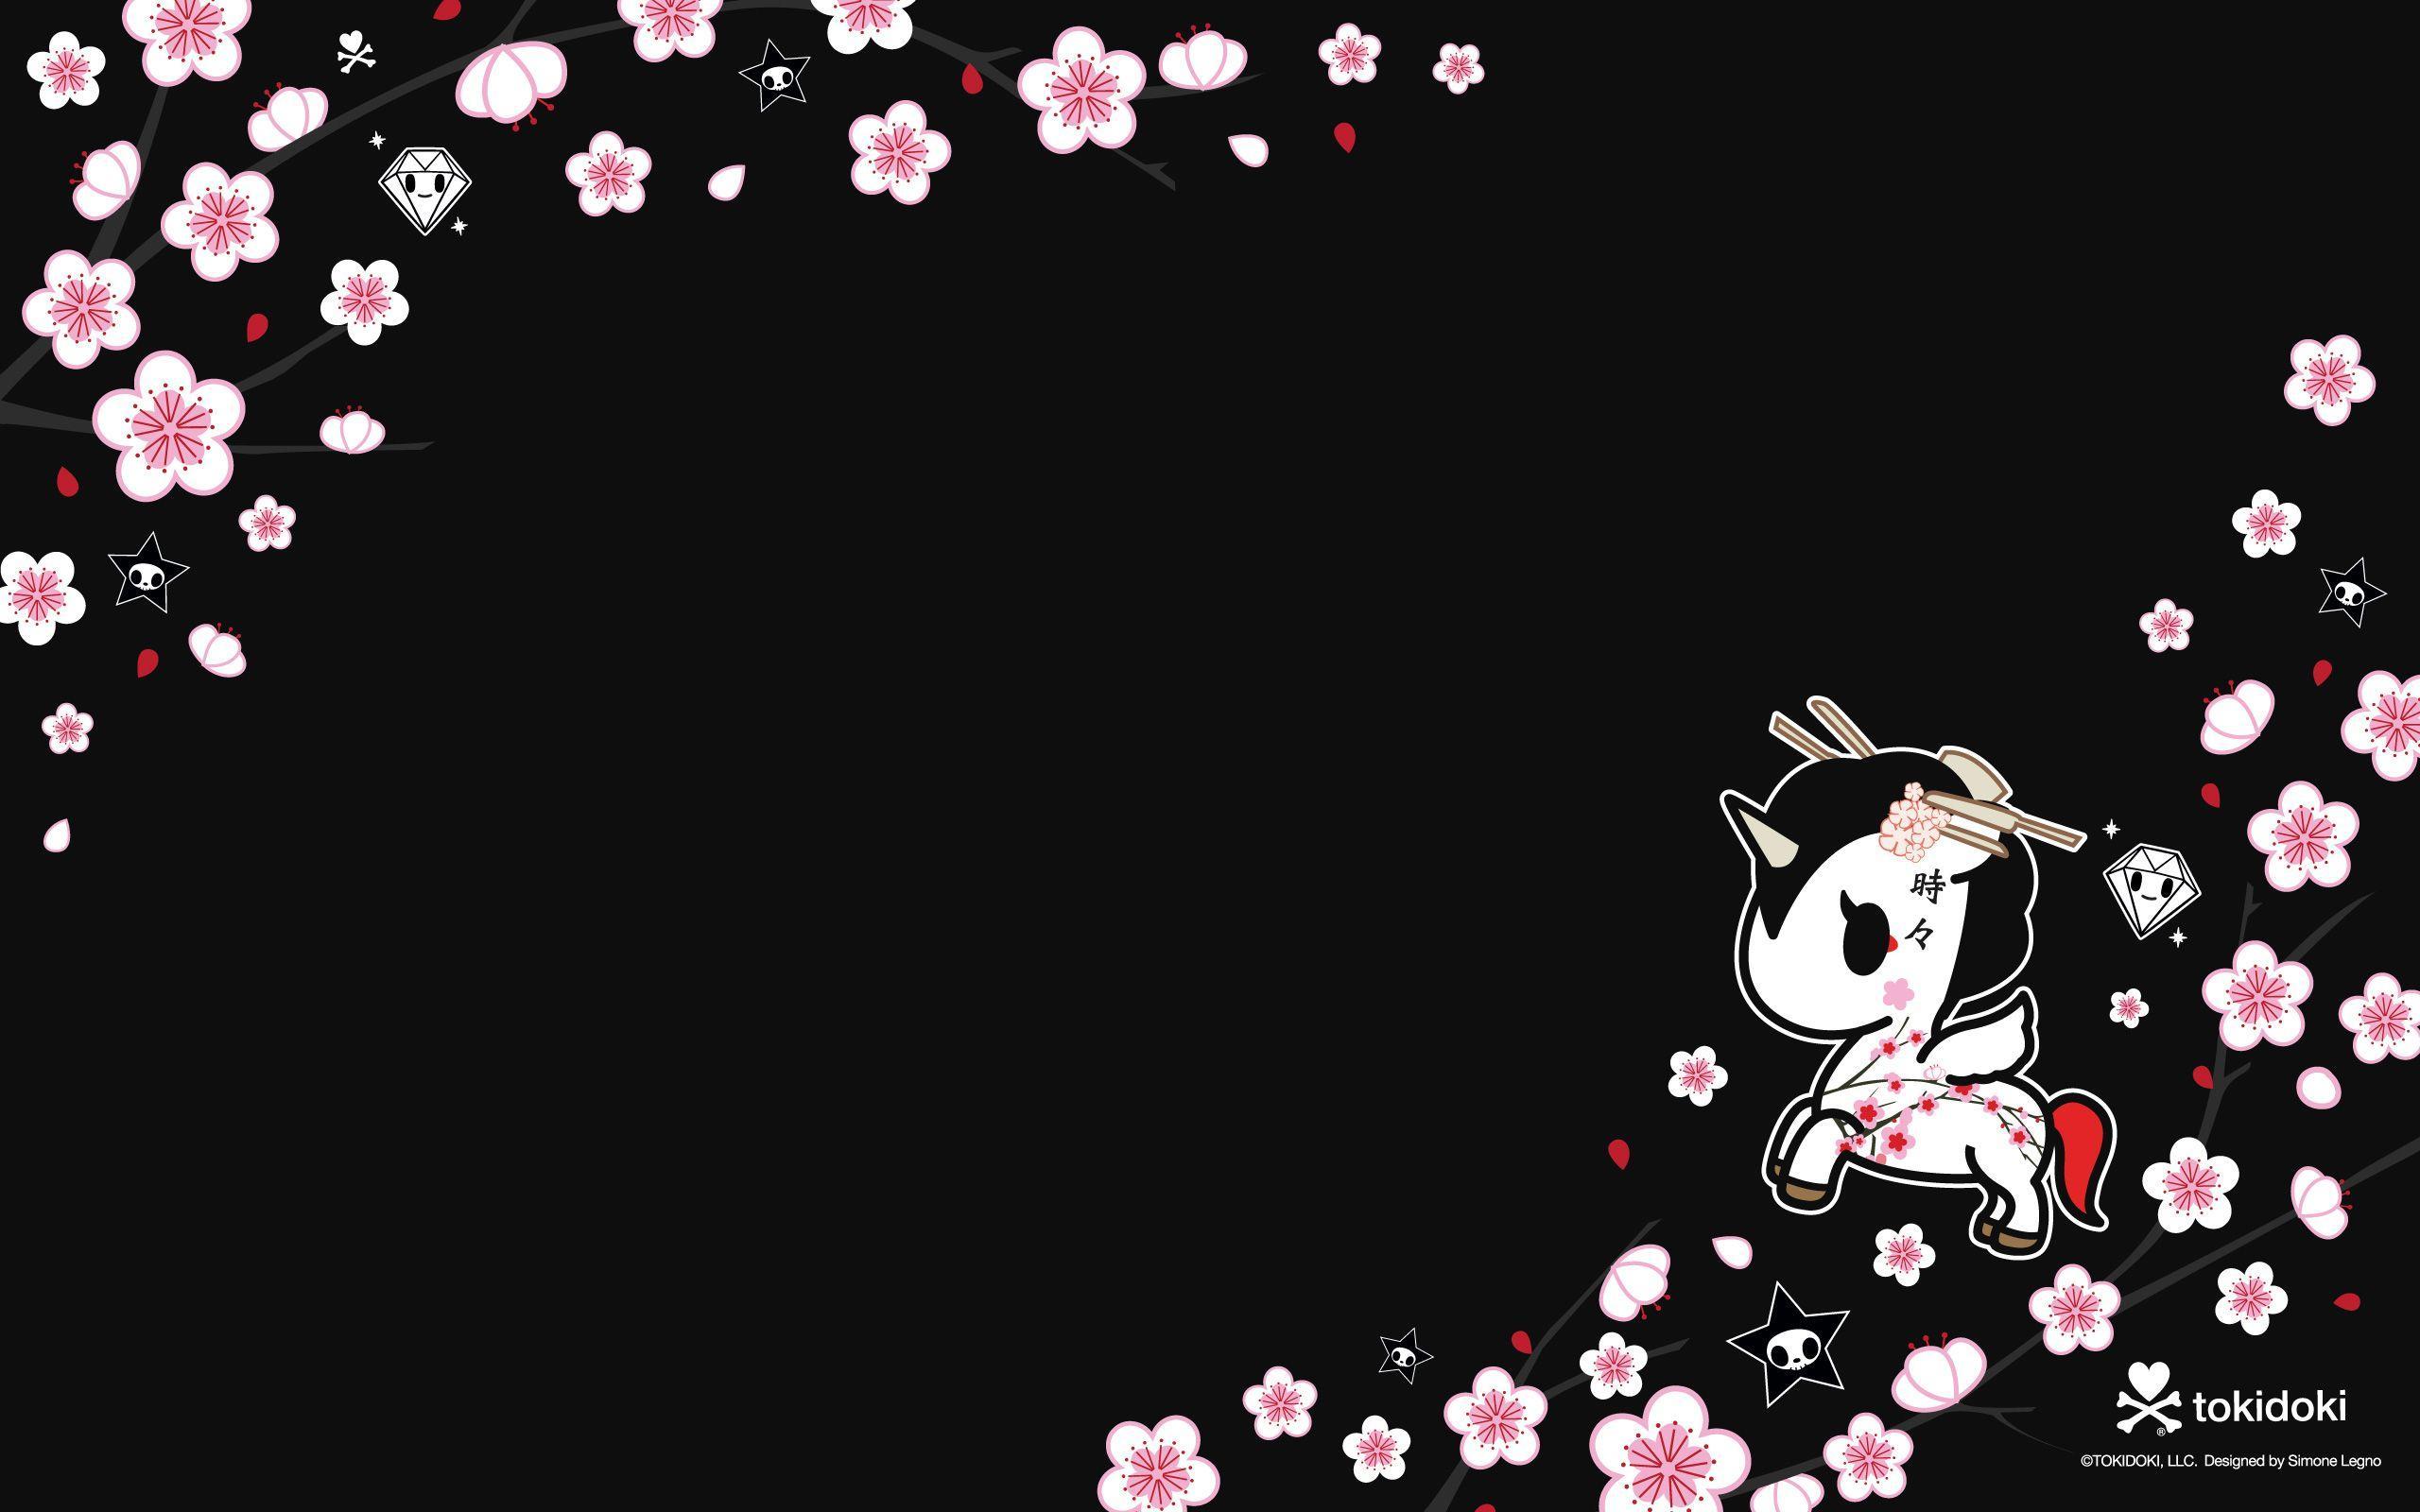 Tokidoki Unicorno Wallpapers Top Free Tokidoki Unicorno